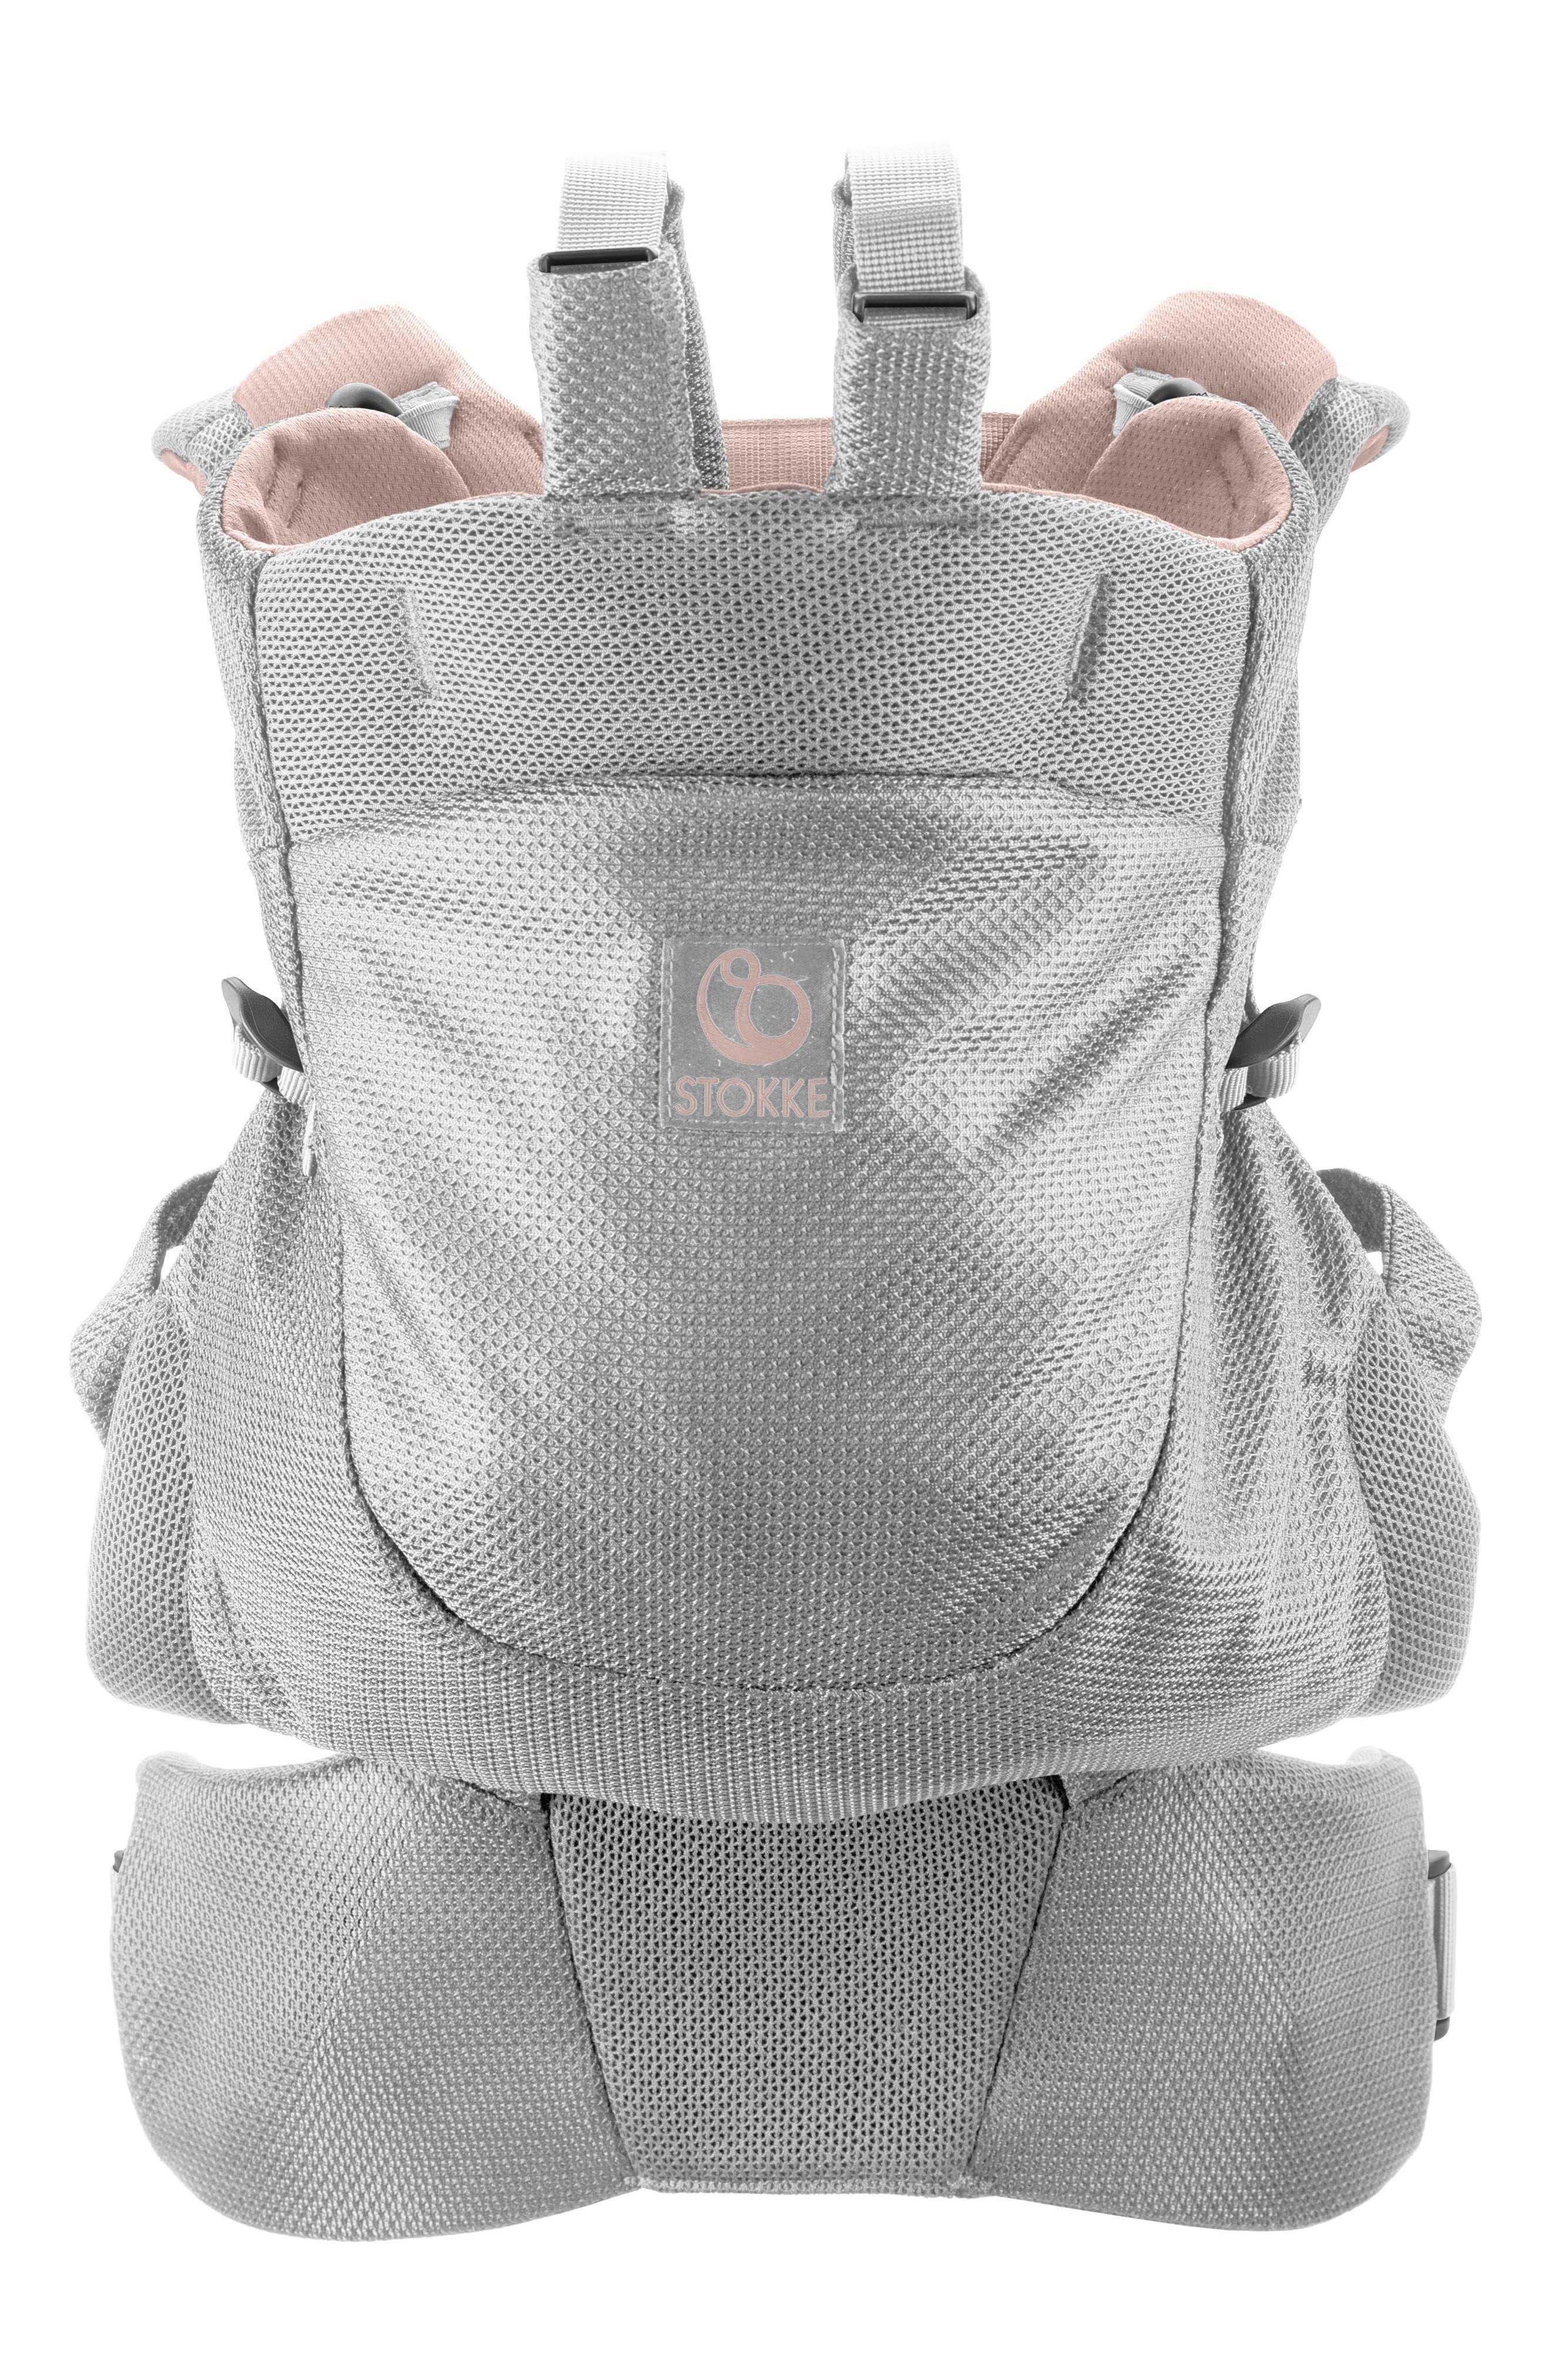 STOKKE MyCarrier Front/Back Baby Carrier, Main, color, PINK MESH